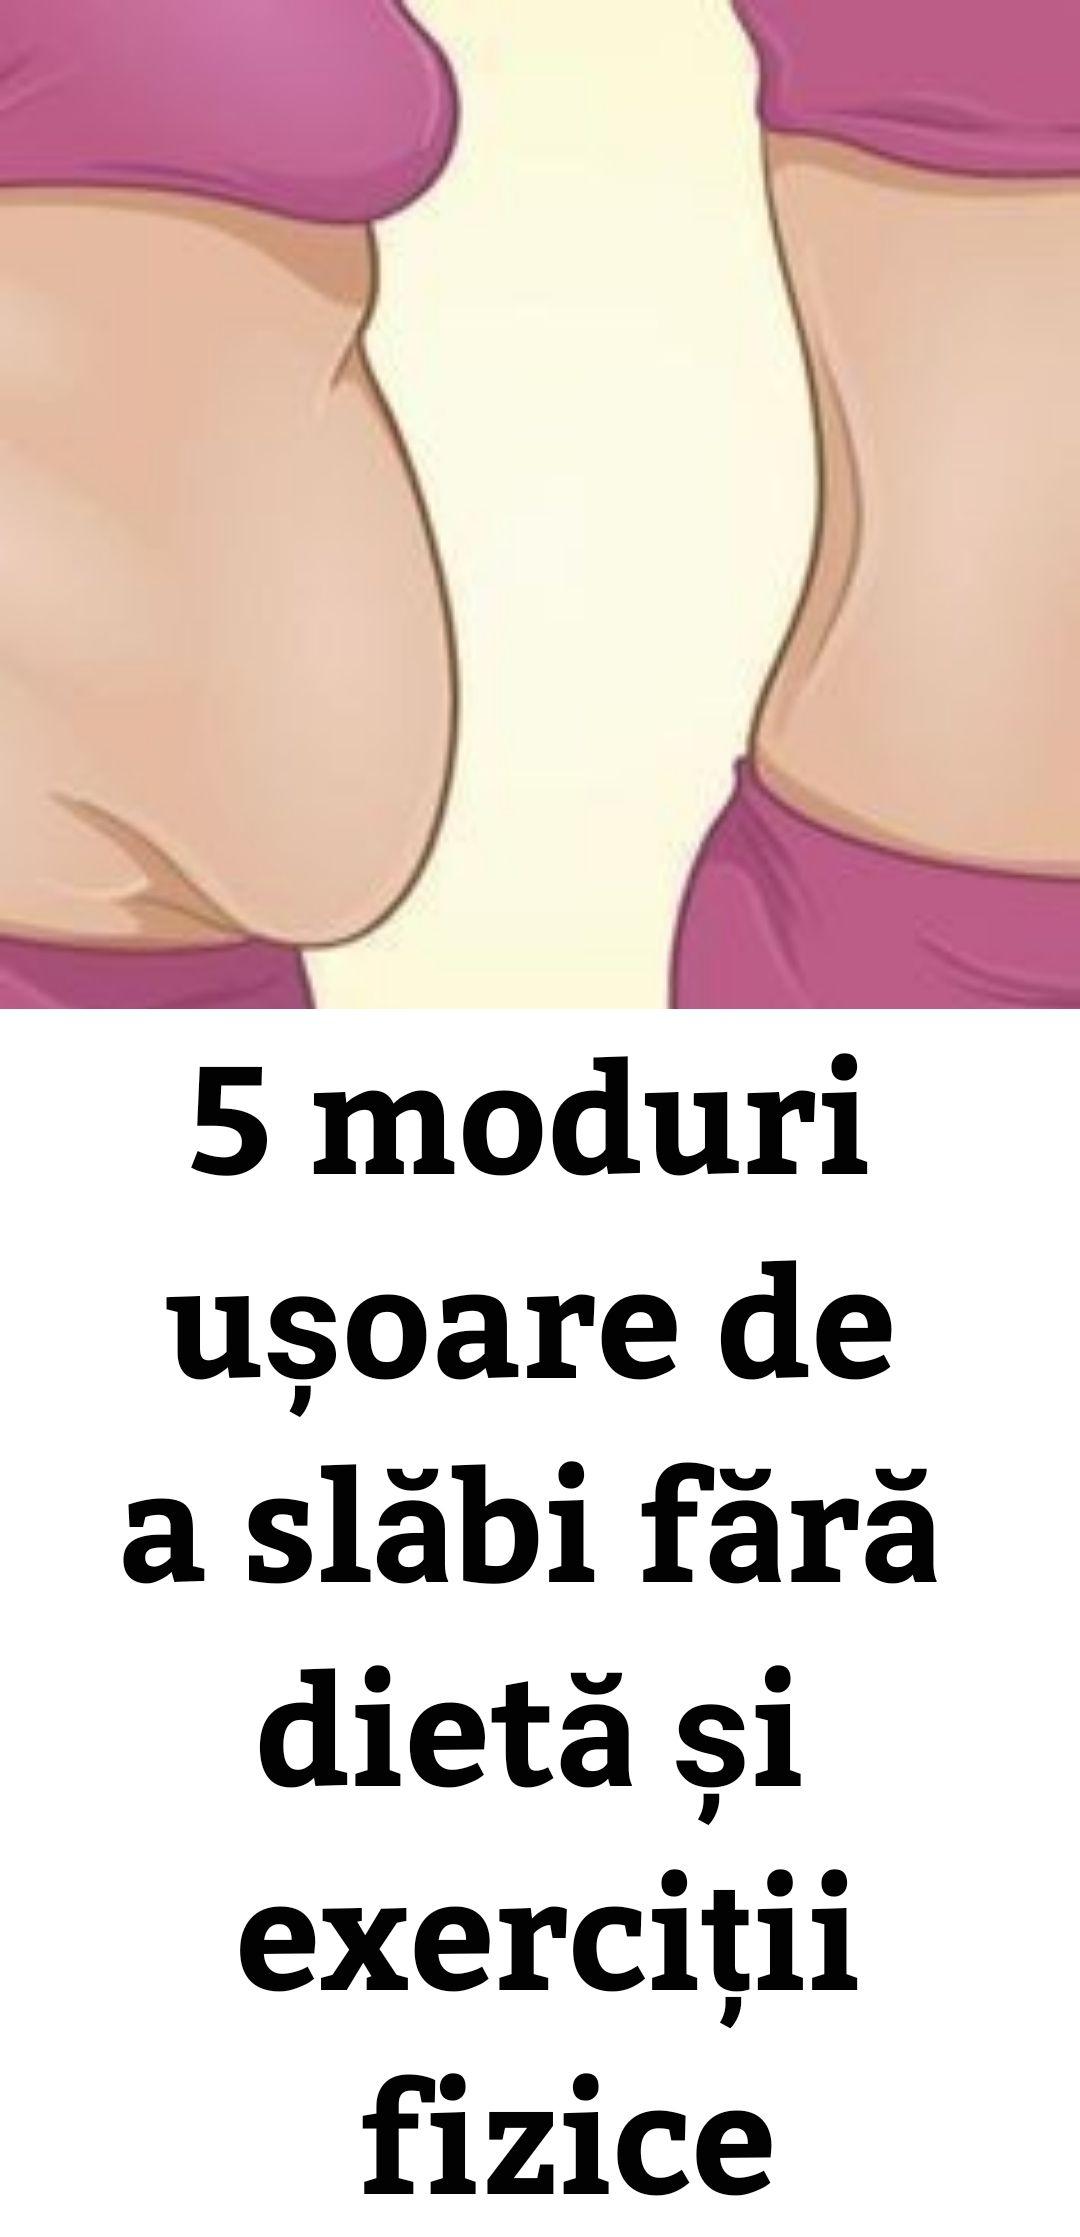 Cât de mult puteți pierde în greutate în 12 săptămâni în nutriție